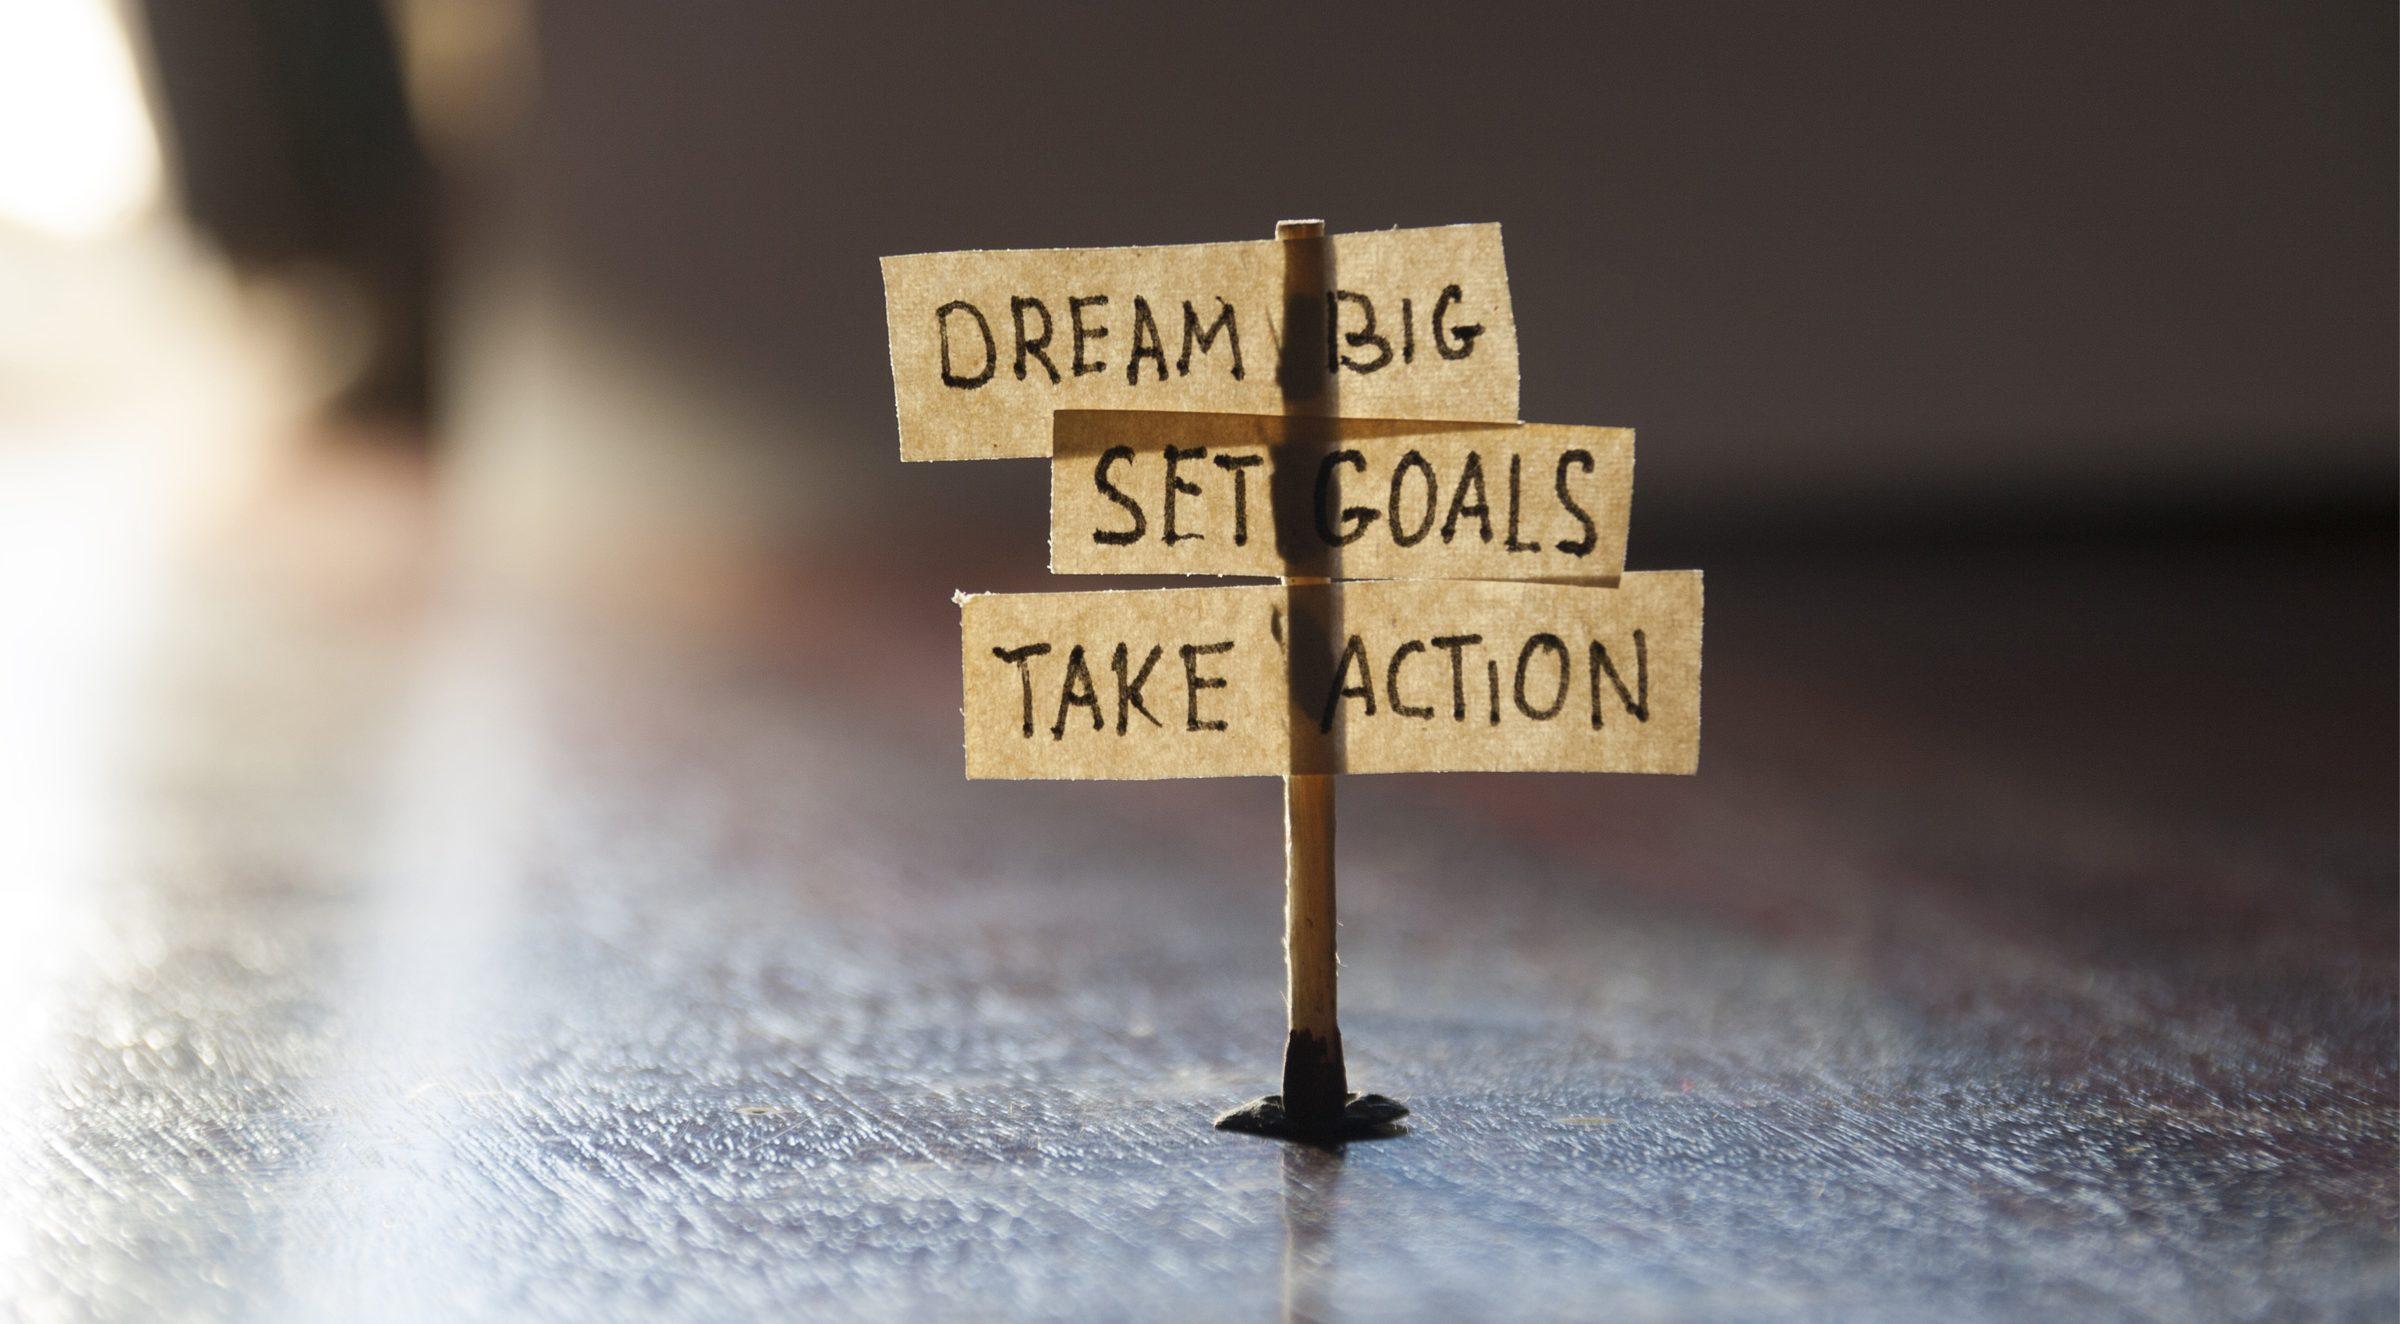 set and achieve goals